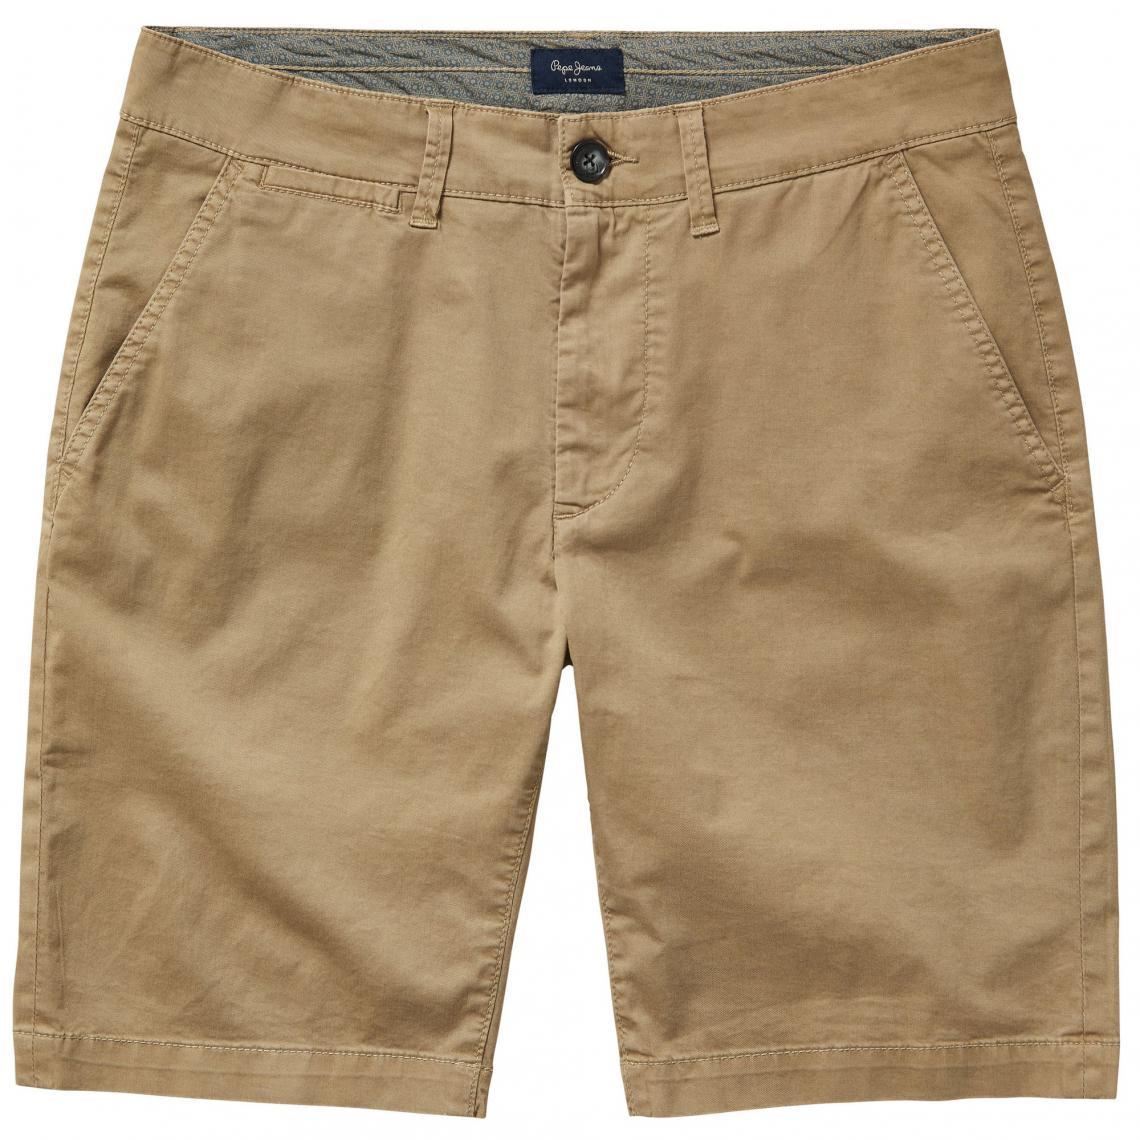 Bermuda homme Pepe Jeans - Bleu - Pepe Jeans - Modalova